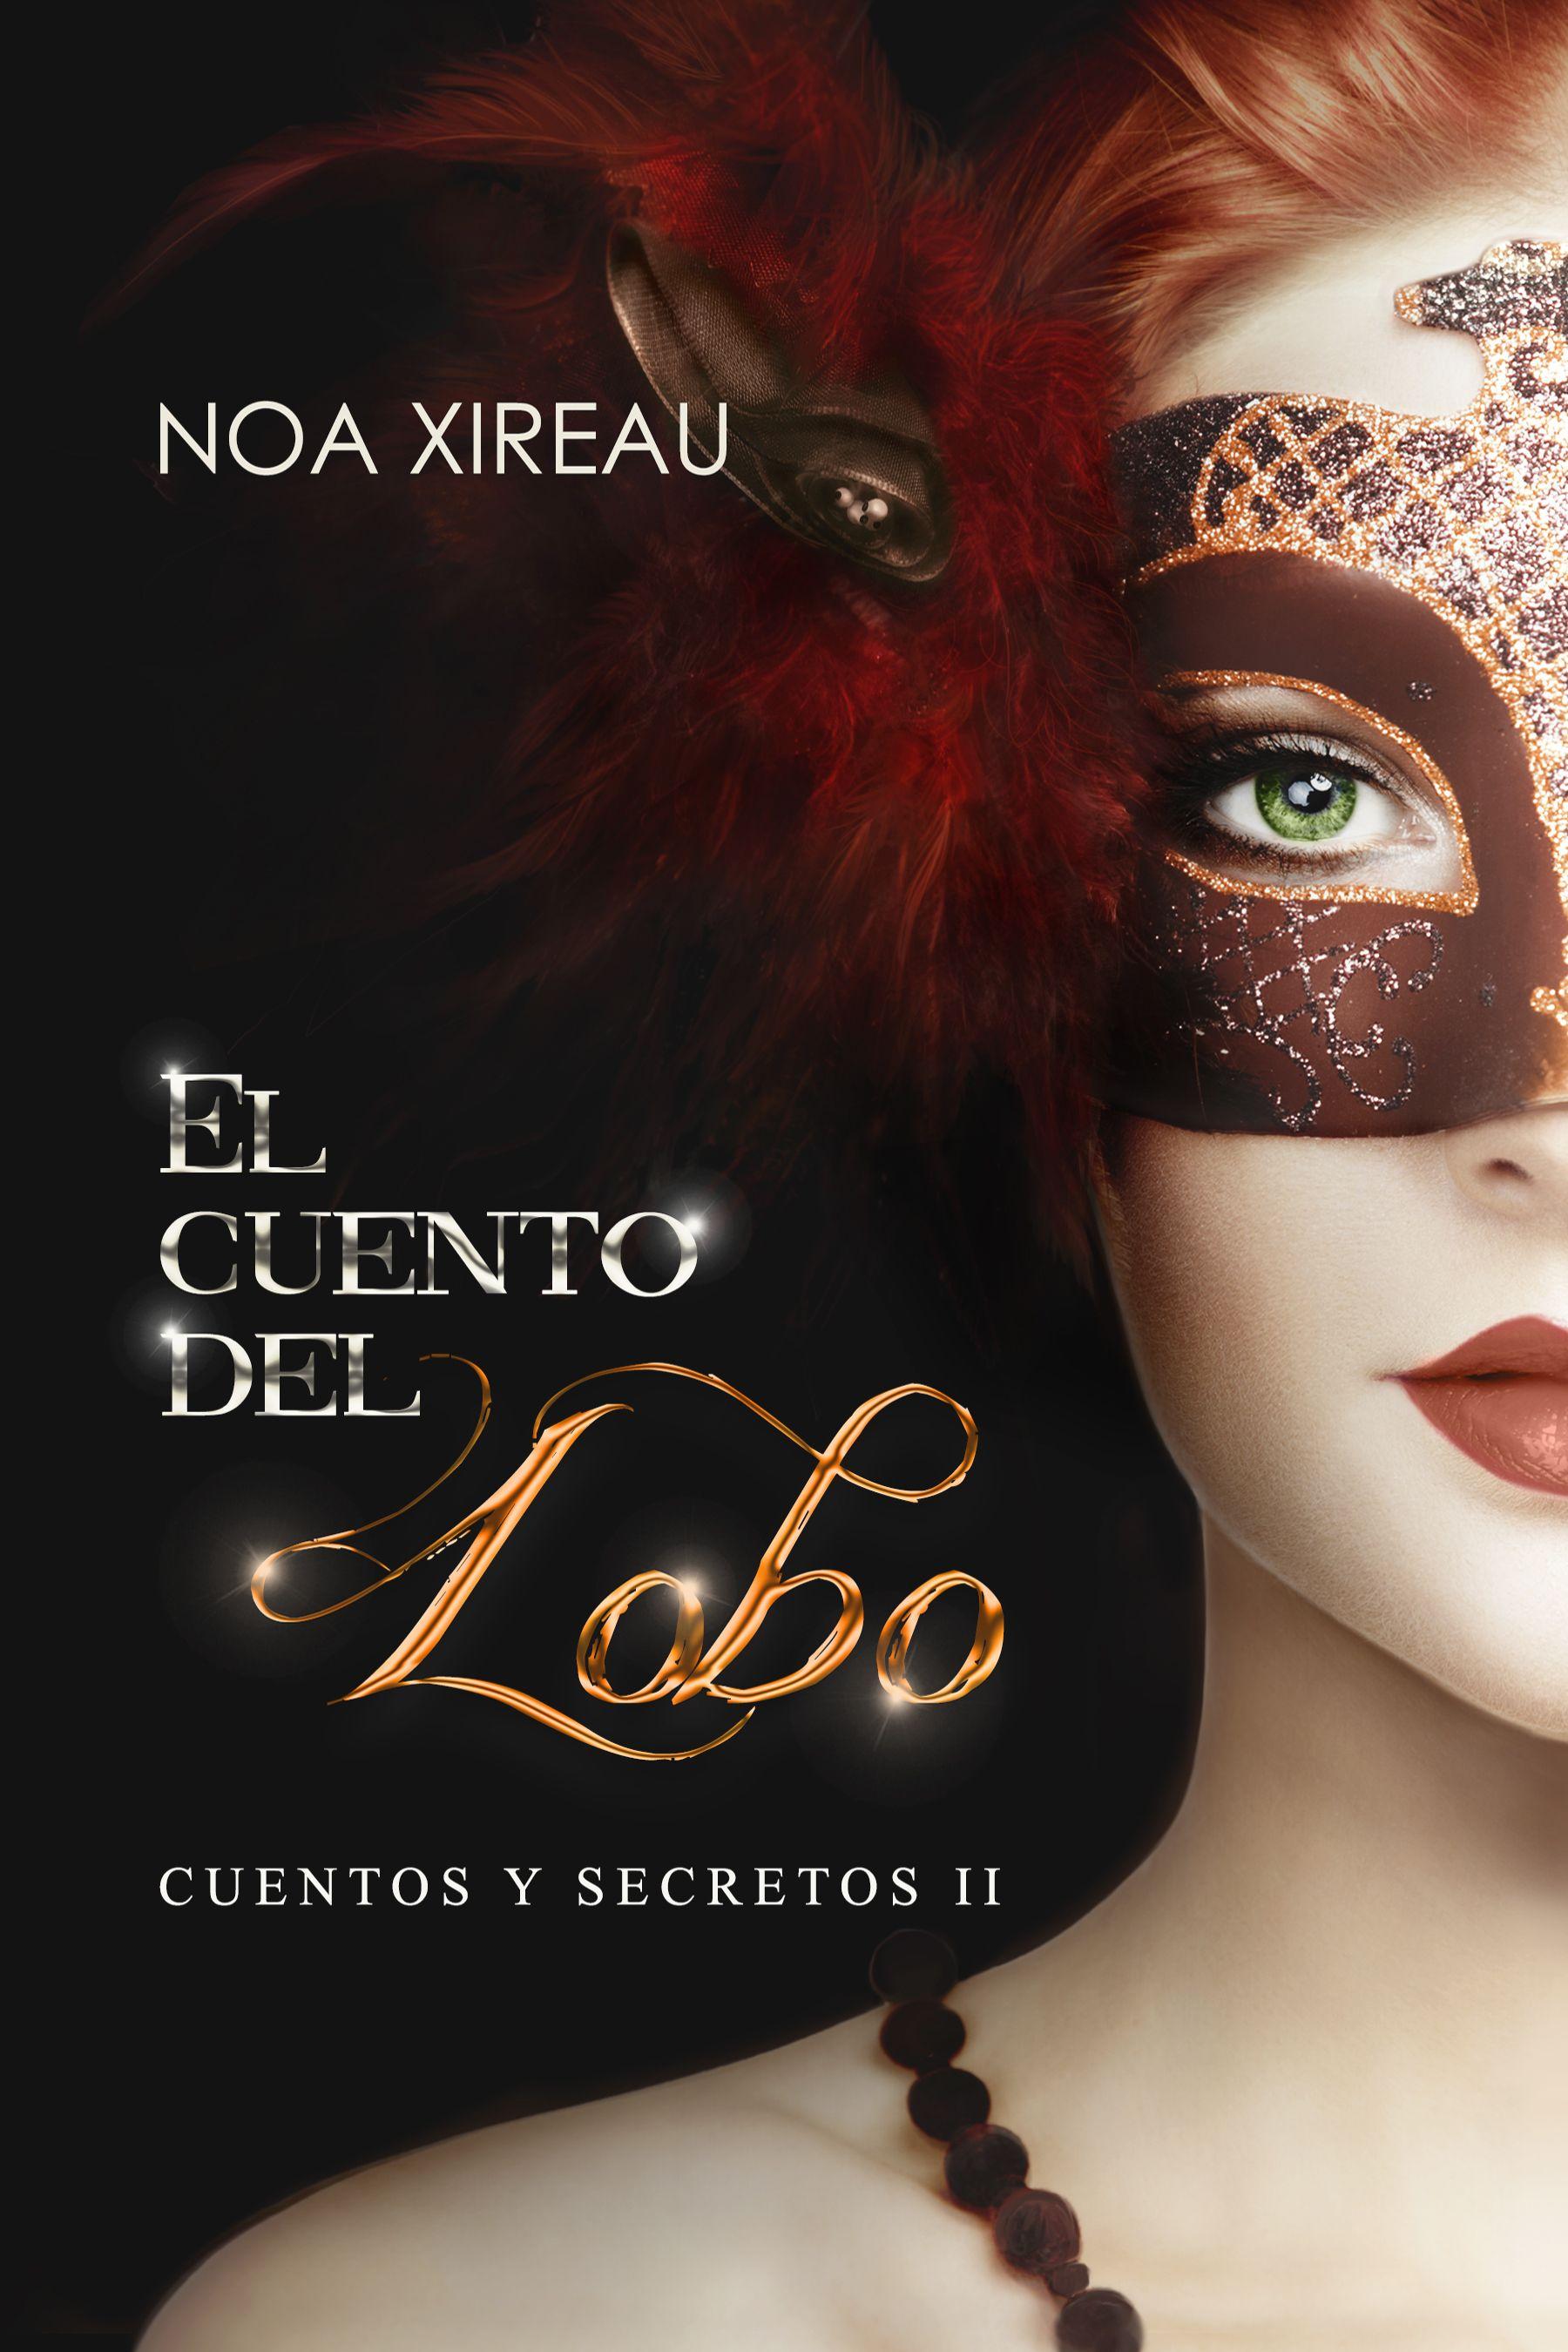 """""""El cuento del Lobo"""" - Serie cuentos II de Noan Xireau. #literatura"""